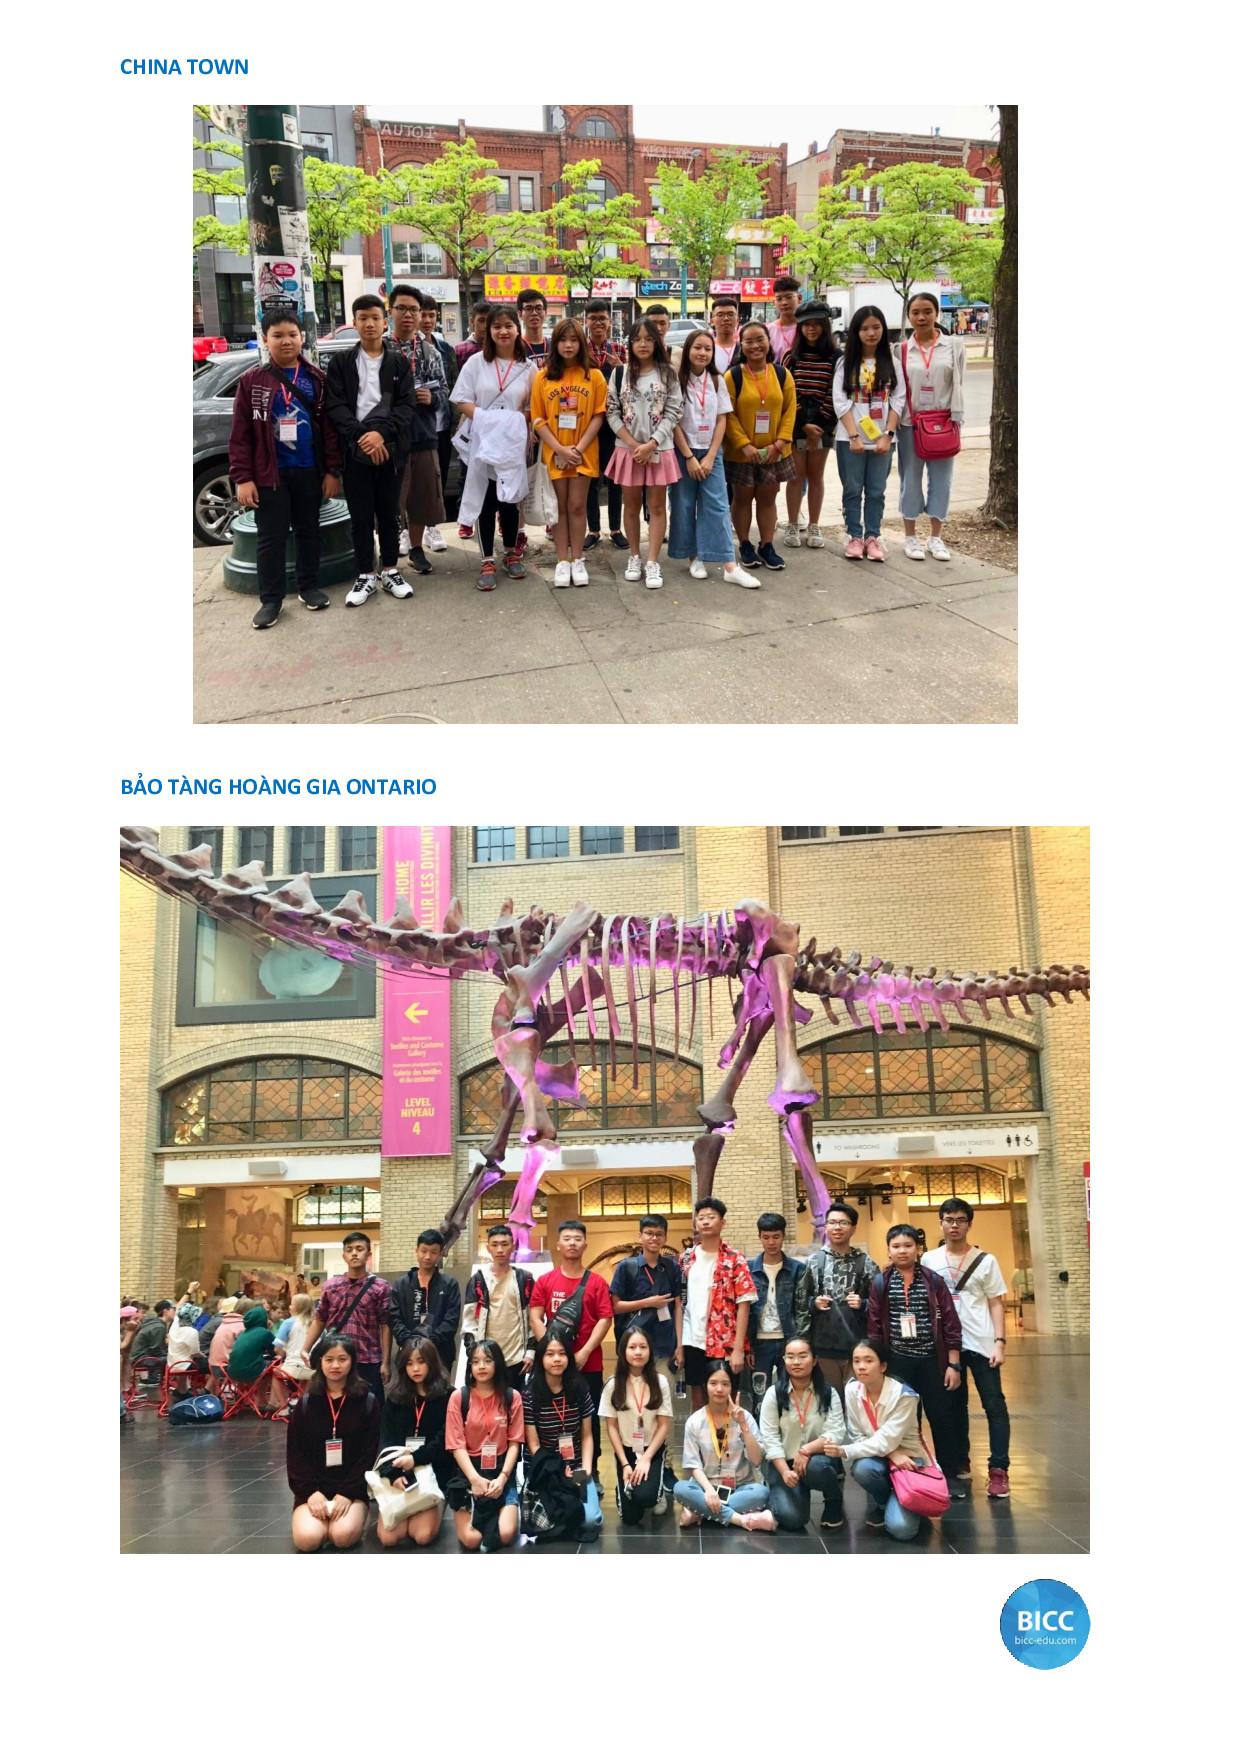 học sinh thăm quan China town